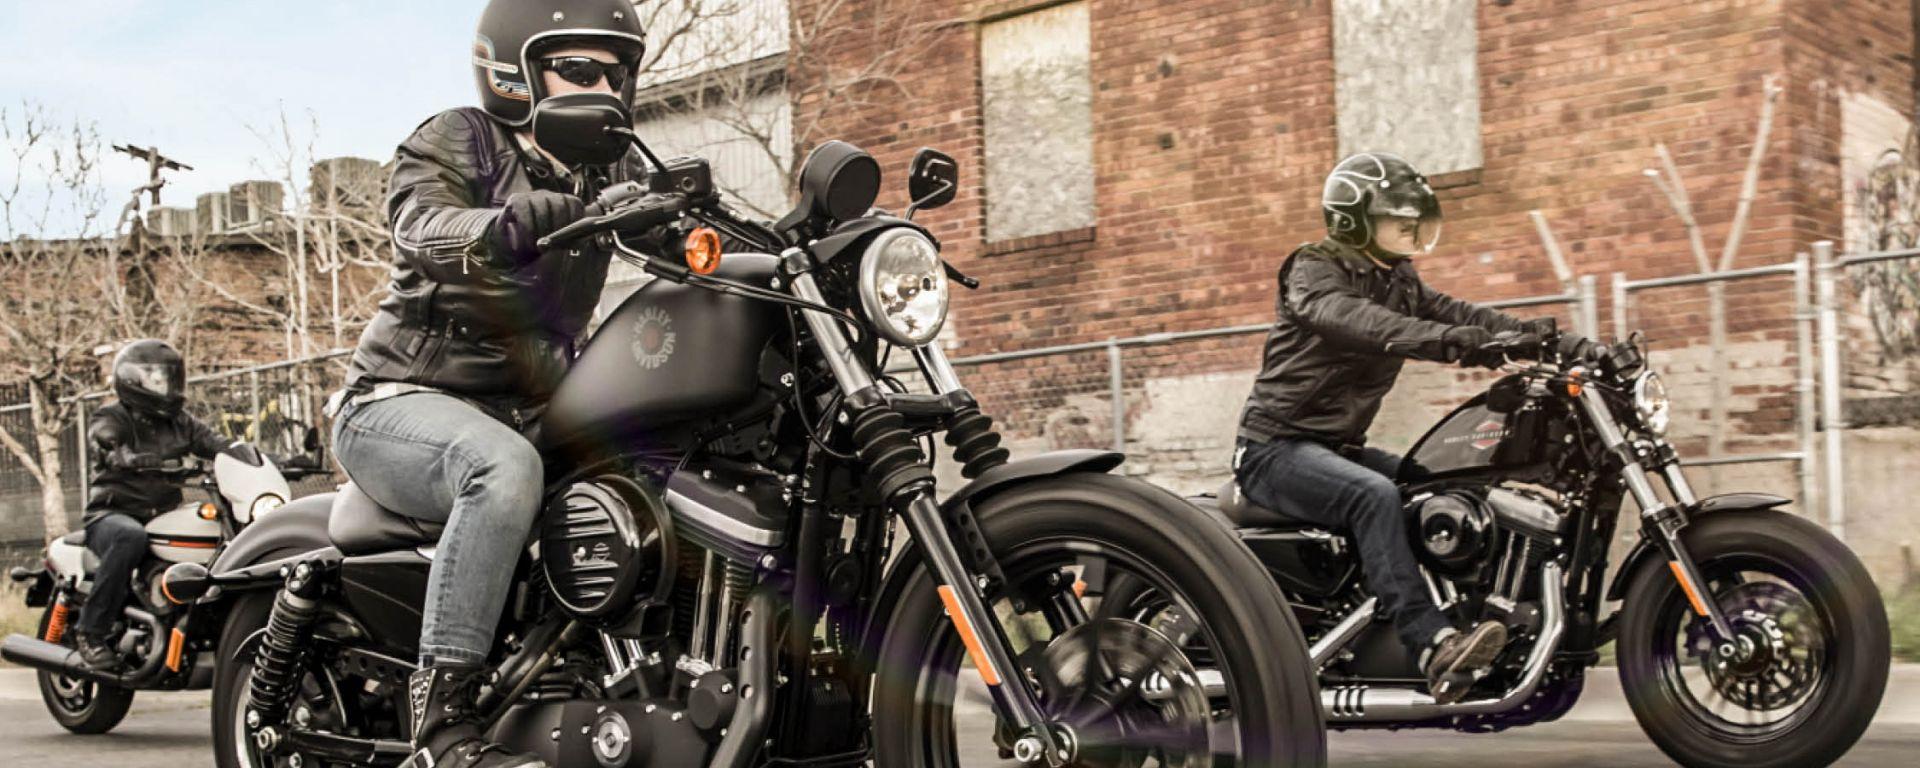 Harley-Davidson: prova la gamma 2019 il 23 e 24 marzo